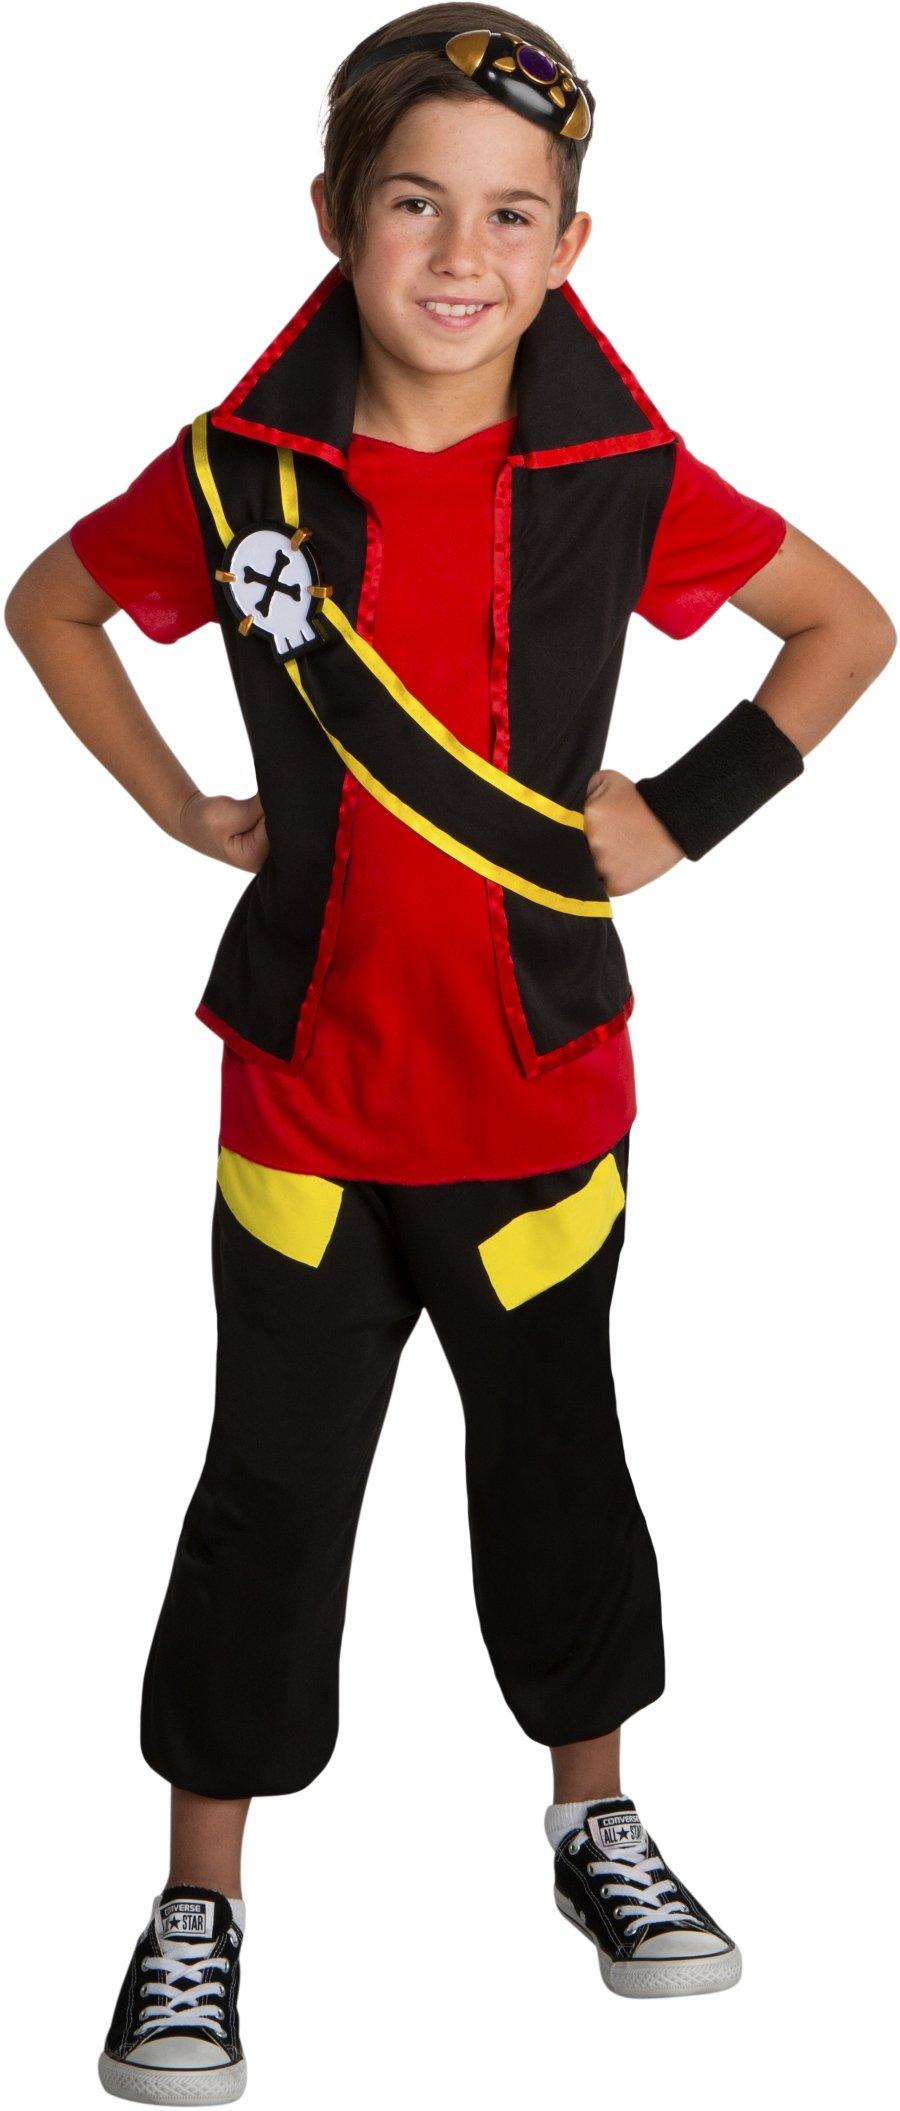 Zak Storm Super Pirate Zak Classic Boys Costume Small 4-6